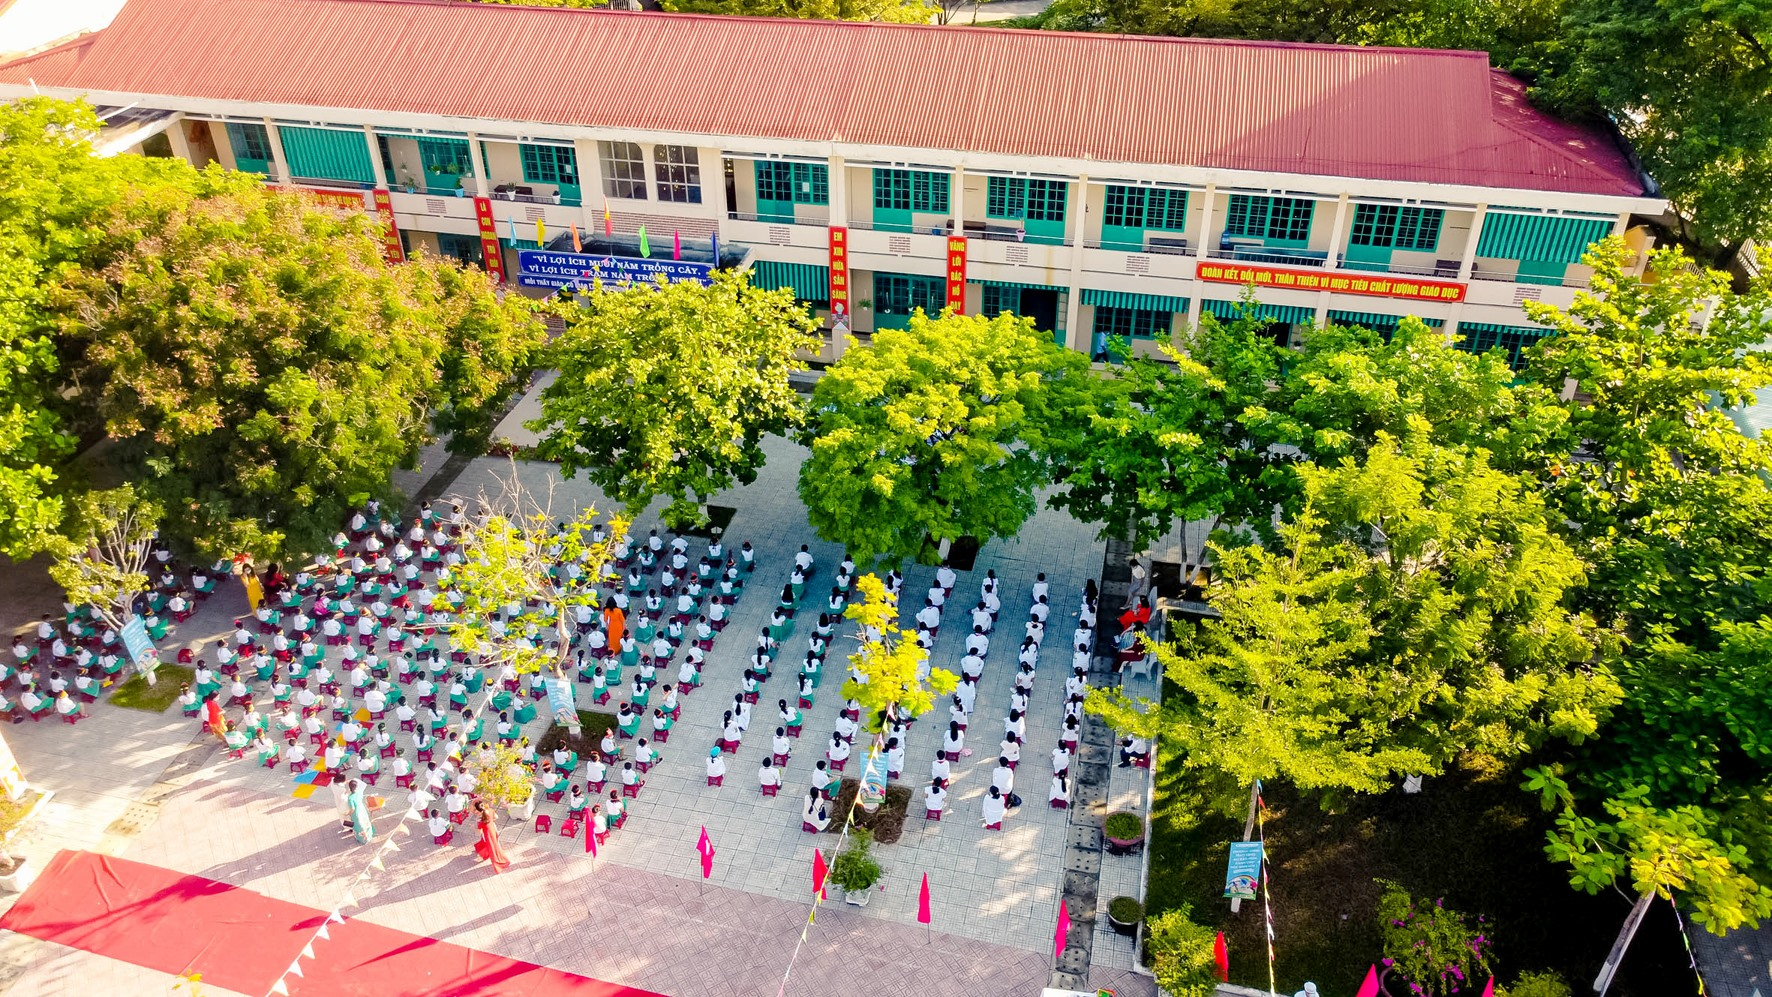 Lễ khai giảng năm học 2020 - 2021 ở Trường Tiểu học Nguyễn Văn Trỗi (Tam Kỳ). ẢNH: PHƯƠNG THẢO